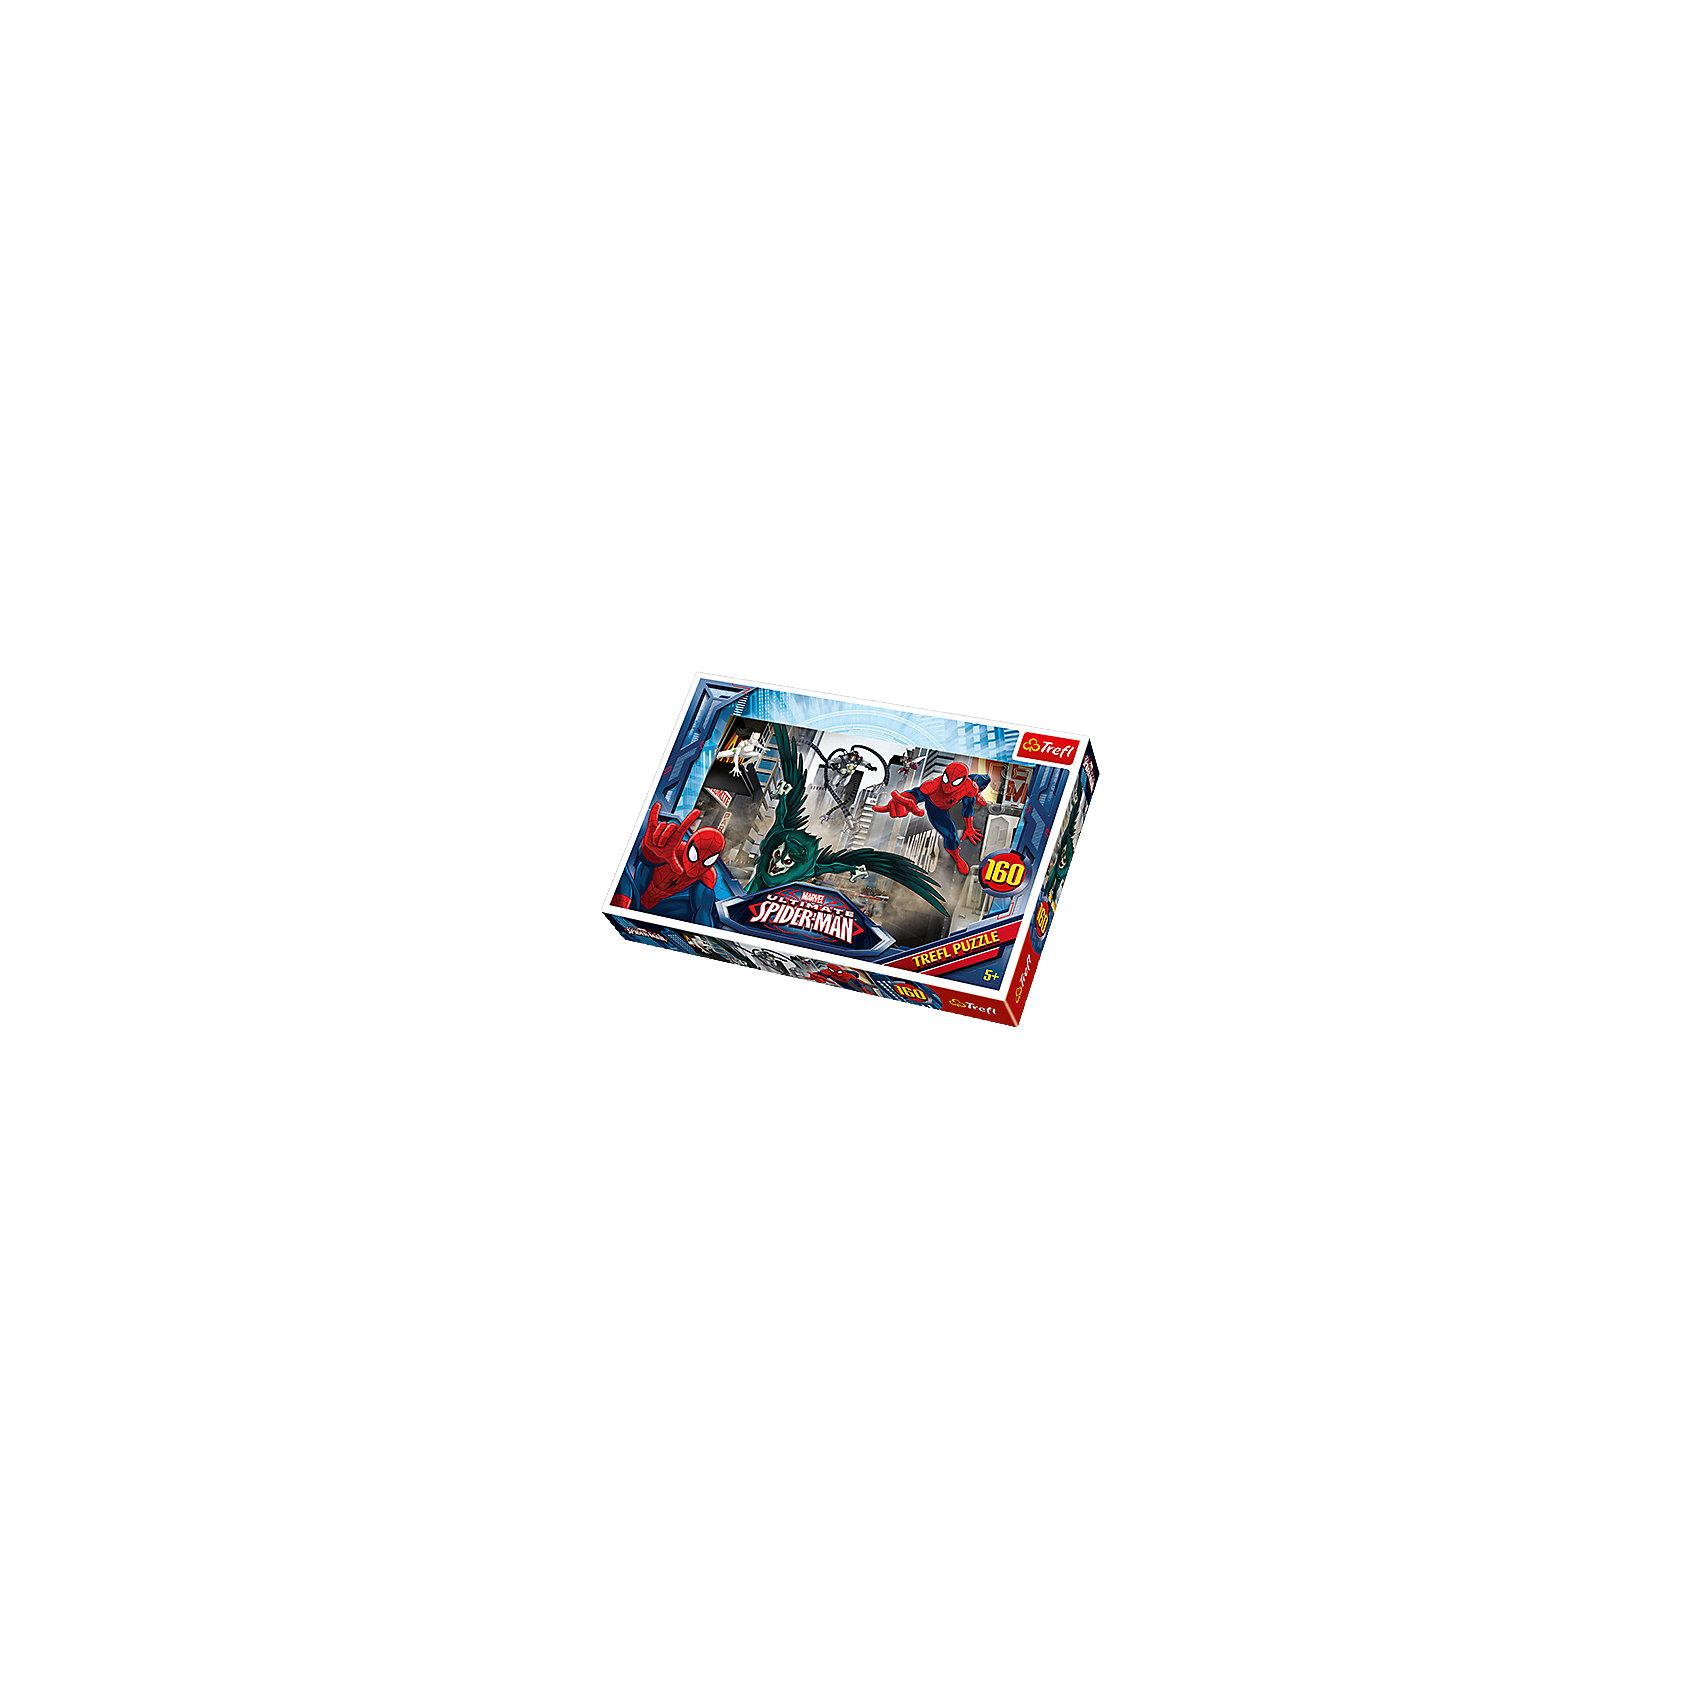 Пазлы Trefl Человек-Паук и его враги, 160 элементовЧеловек-Паук<br>Порадуйте юного супергероя пазлом Человек-Паук и его враги от бренда Trefl. Собирая картинку, на которой Человек-паук гонится за своим врагом, ребенок, включив свою фантазию, сможет очутиться в фантастическом мире приключений и подвигов супергероев вместе с любимыми персонажами. На картинке также изображено большое количество машин и людей. Яркие детали, выполненные из высококачественного материала и очень приятны на ощупь. Во время сбора пазлов хорошо развивается логика,  воображение, ну и конечно же мелкая моторика рук. Подобное приобретение станет отличным подарком юным фантазерам. <br>Изображение включает в себя 160 элементов. <br>Рекомендуемый возраст: от 5 лет.<br><br>Ширина мм: 289<br>Глубина мм: 198<br>Высота мм: 43<br>Вес г: 310<br>Возраст от месяцев: 84<br>Возраст до месяцев: 108<br>Пол: Мужской<br>Возраст: Детский<br>Количество деталей: 160<br>SKU: 4040335